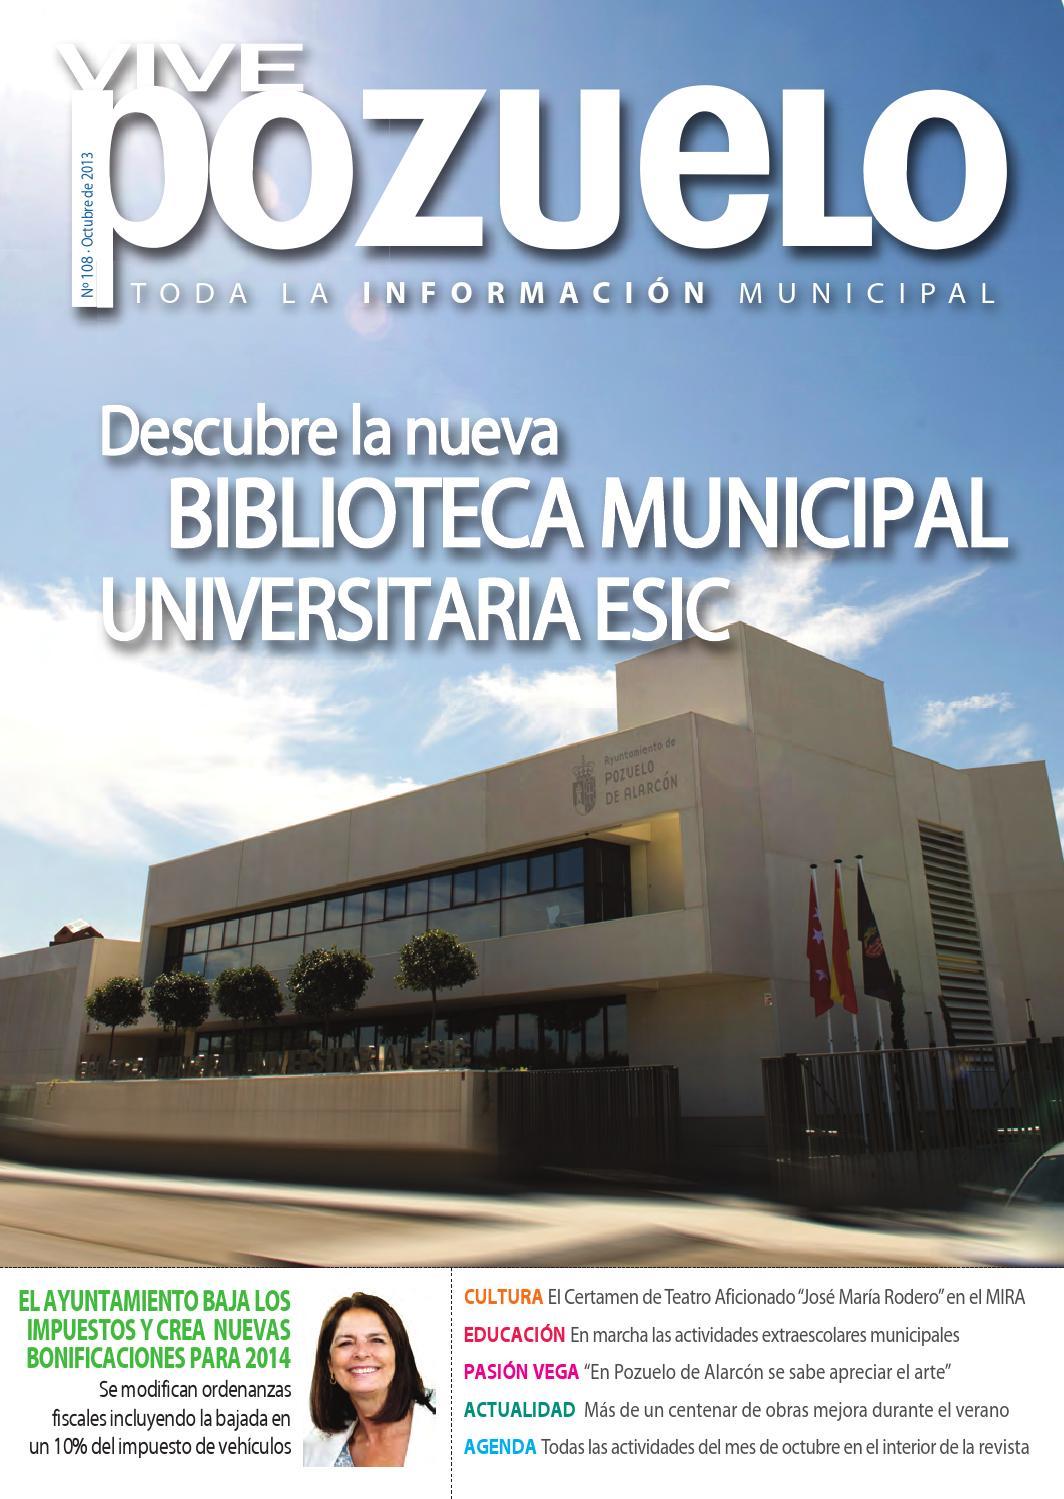 Vive pozuelo octubre 2013 by ayuntamiento de pozuelo de alarc n issuu - Obra nueva pozuelo de alarcon ...